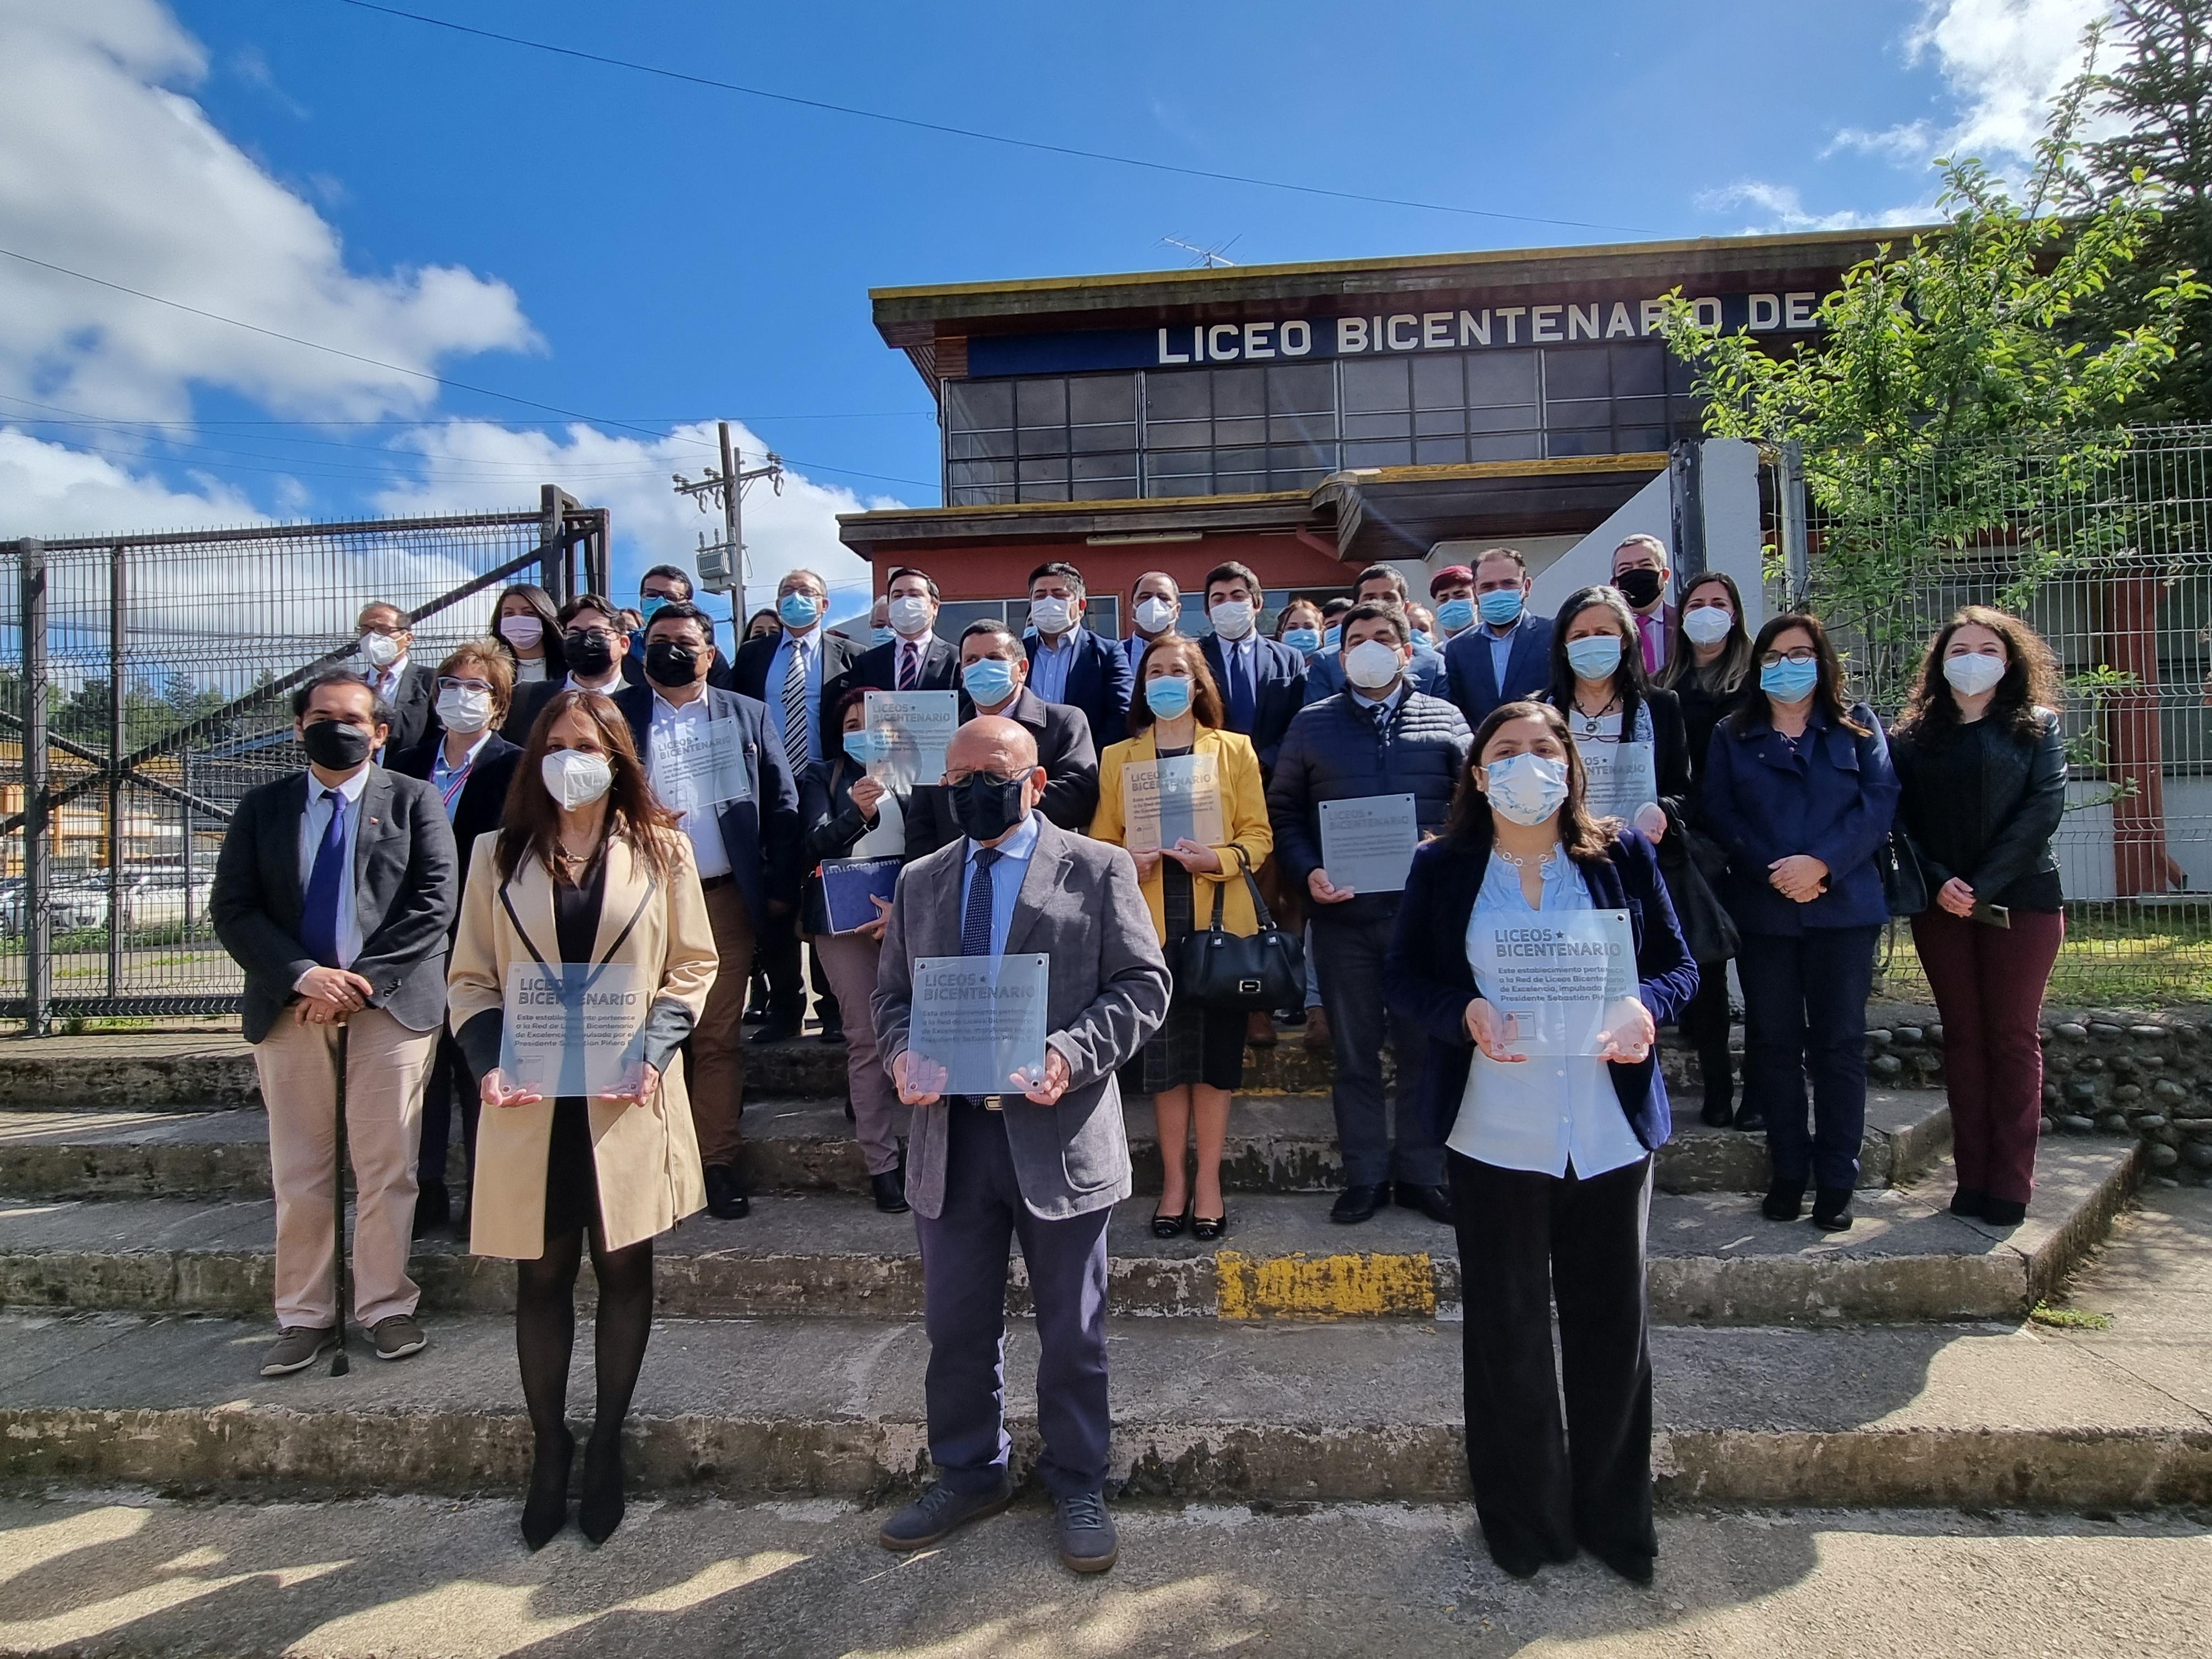 9 establecimientos de la Provincia de Biobío recibieron su placa oficial de Liceo Bicentenario